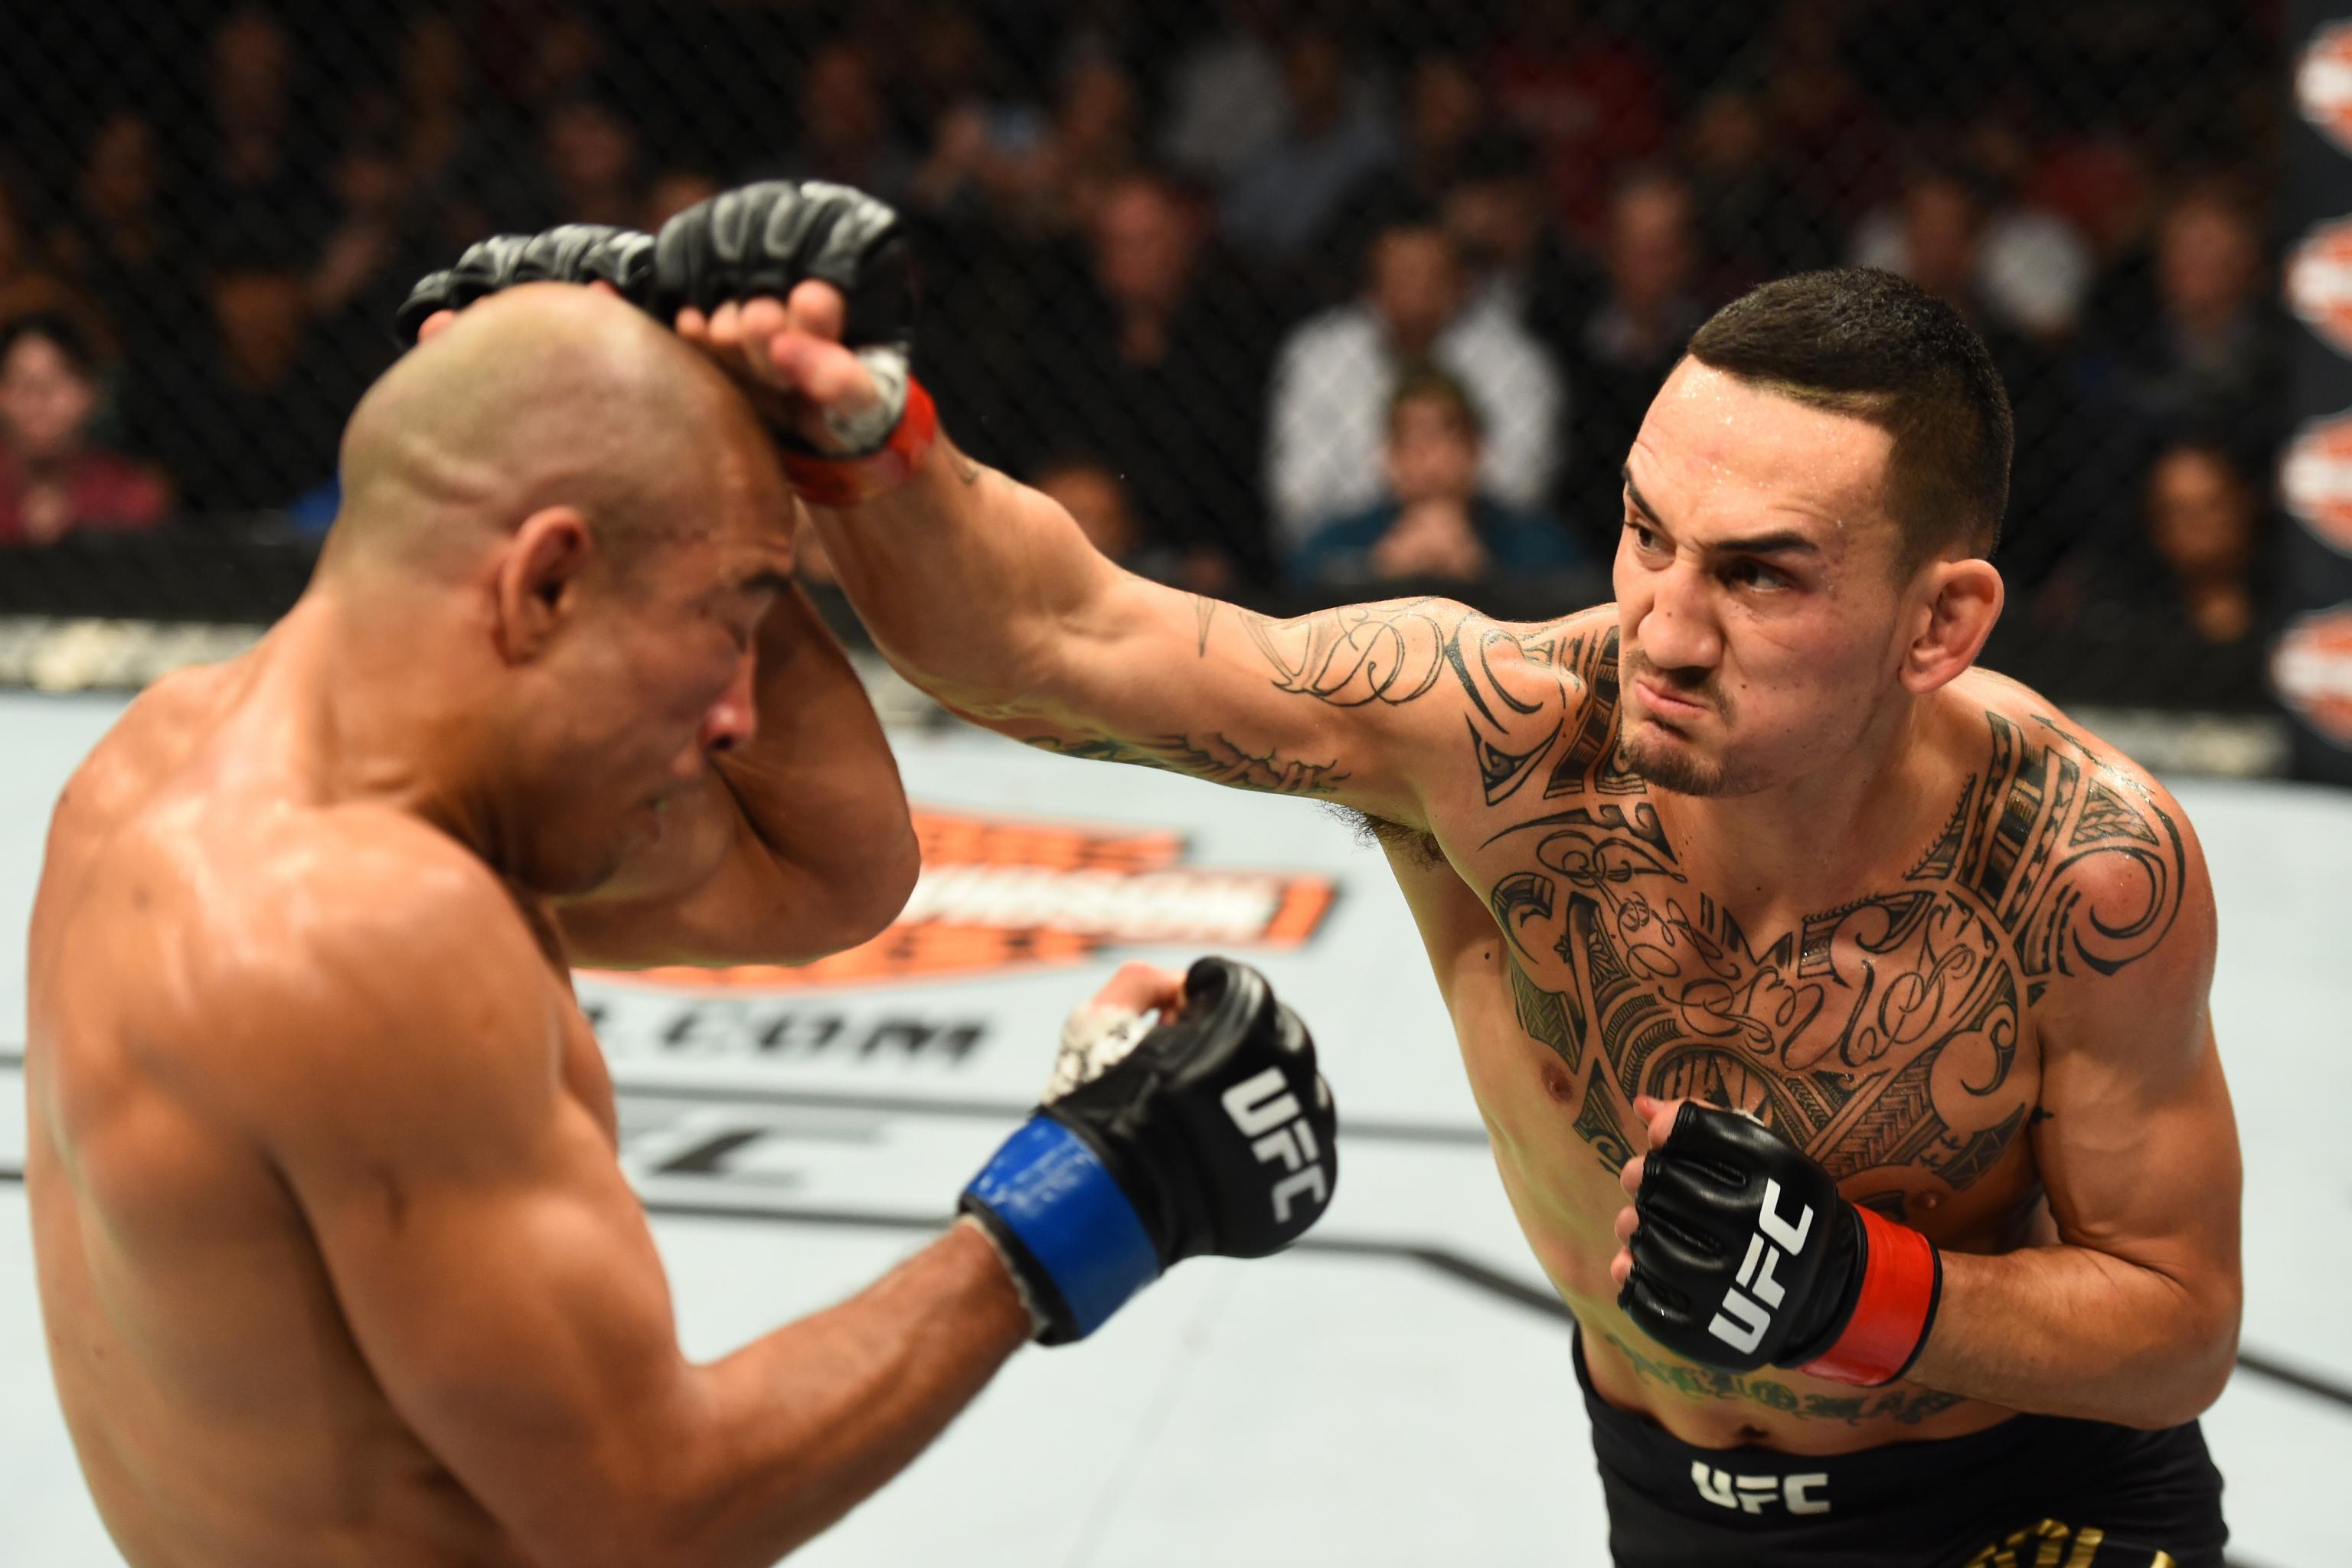 Max Holloway bat Jose Aldo via TKO de 3e ronde à l'UFC 218 |  Rapport Bleacher |  Dernières nouvelles, vidéos et faits saillants